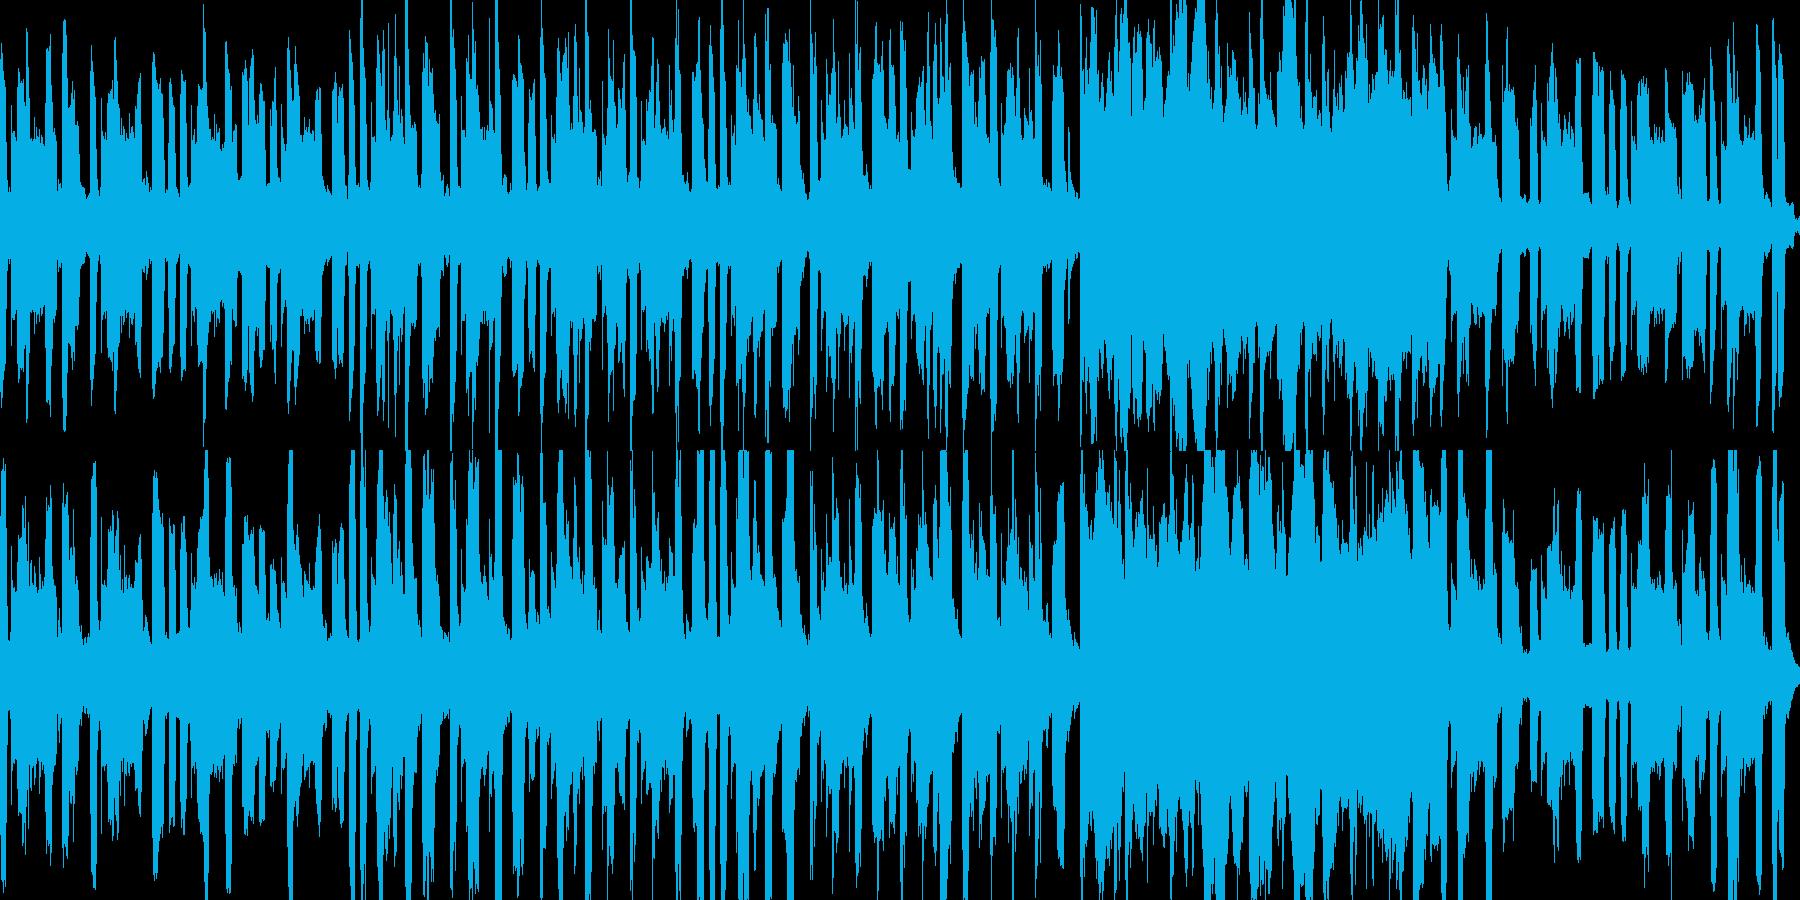 のほほん・ふわふわ・癖になるループ素材の再生済みの波形